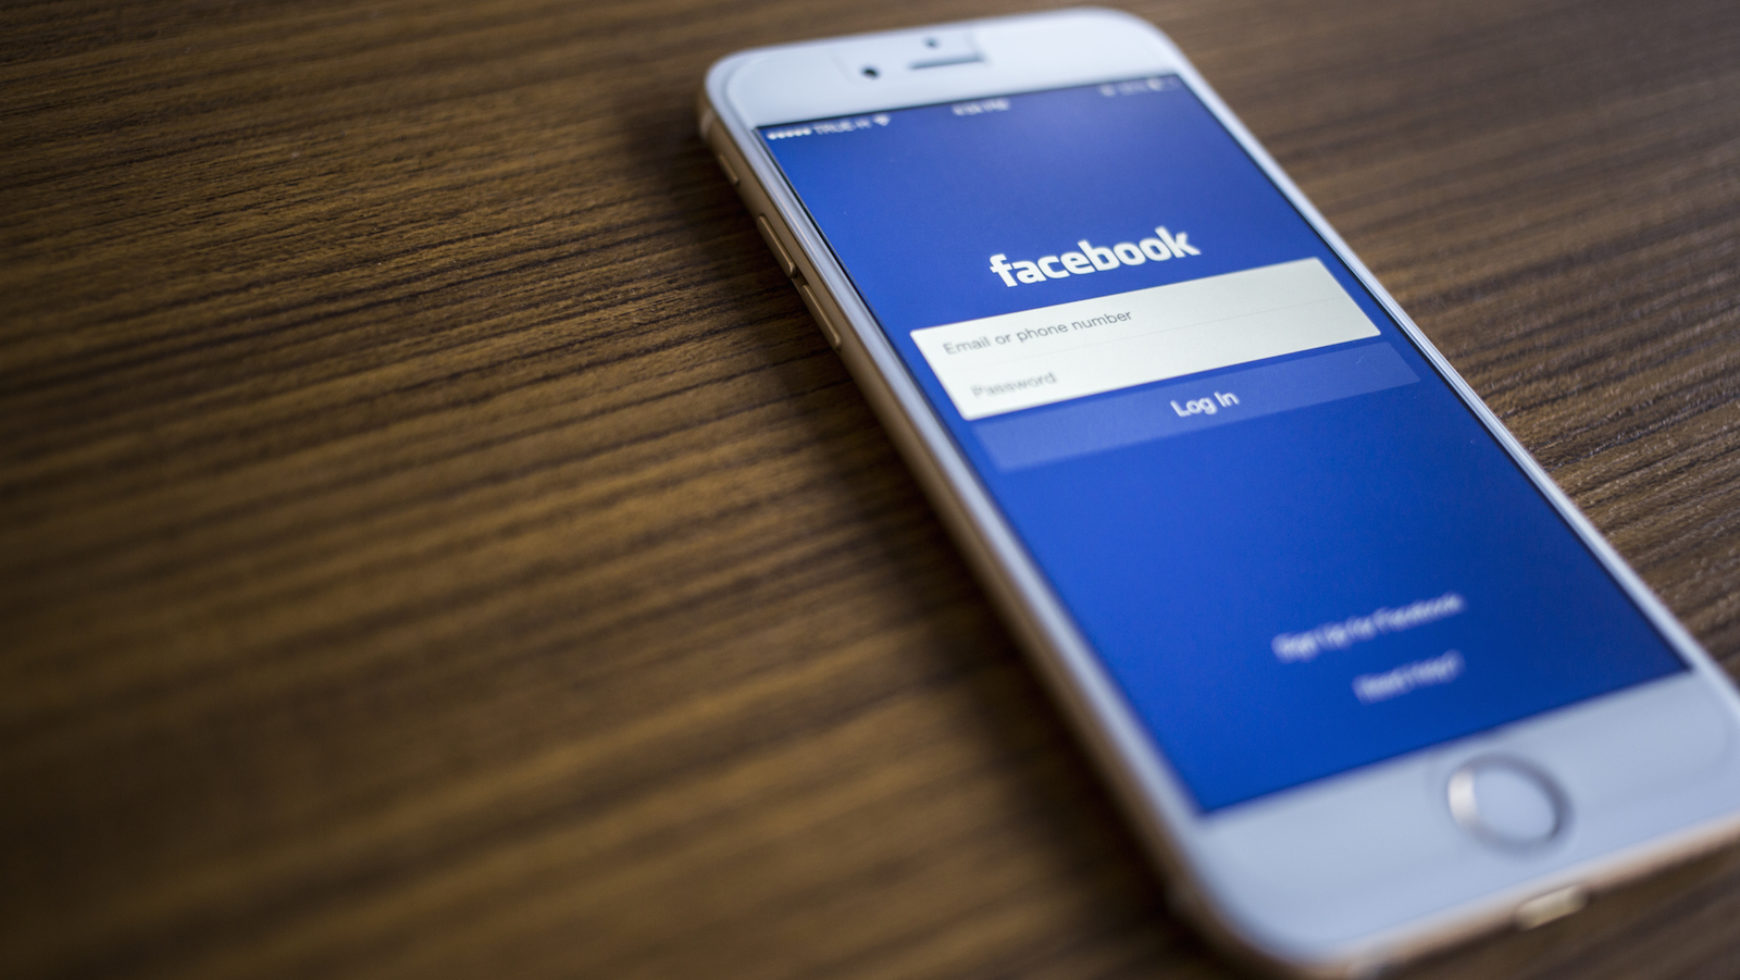 Les campagnes upsell et cross-sell de Facebook : atouts pour les entreprises